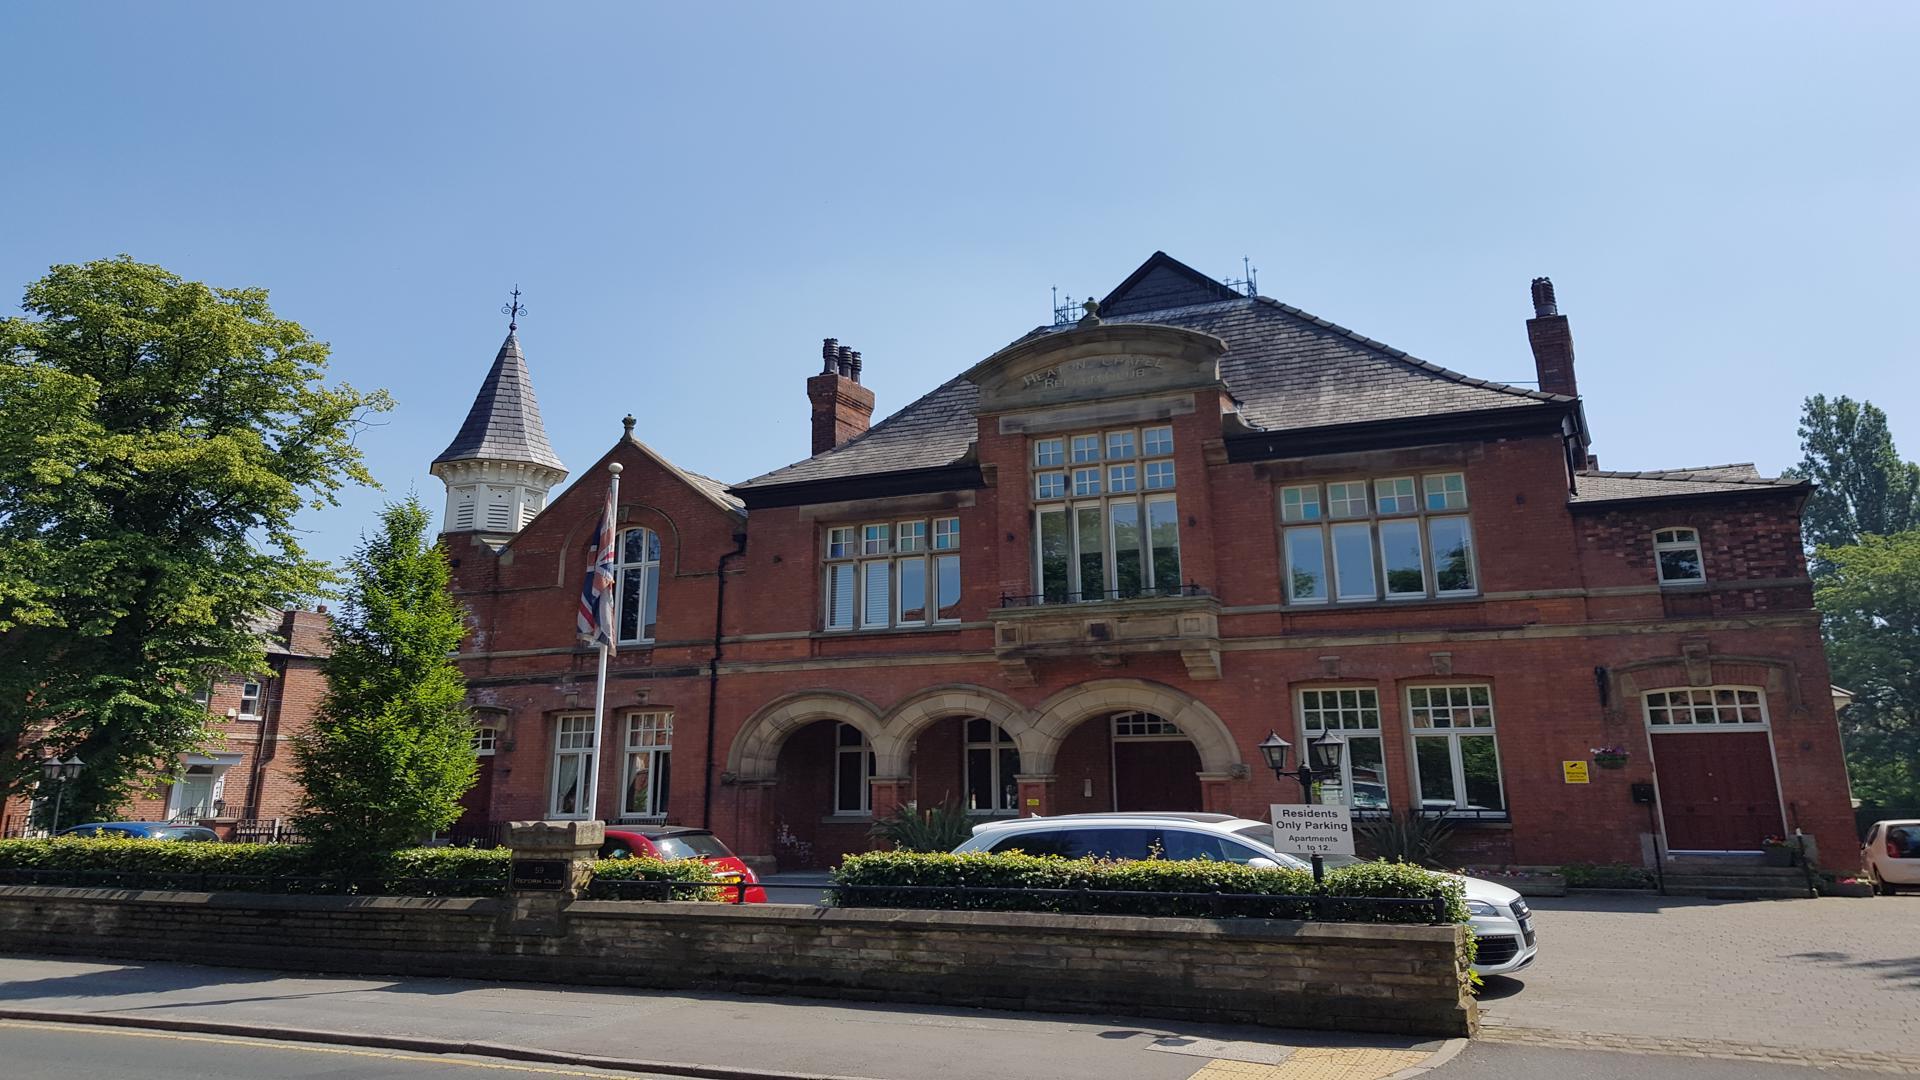 Heaton Moor Reform Club